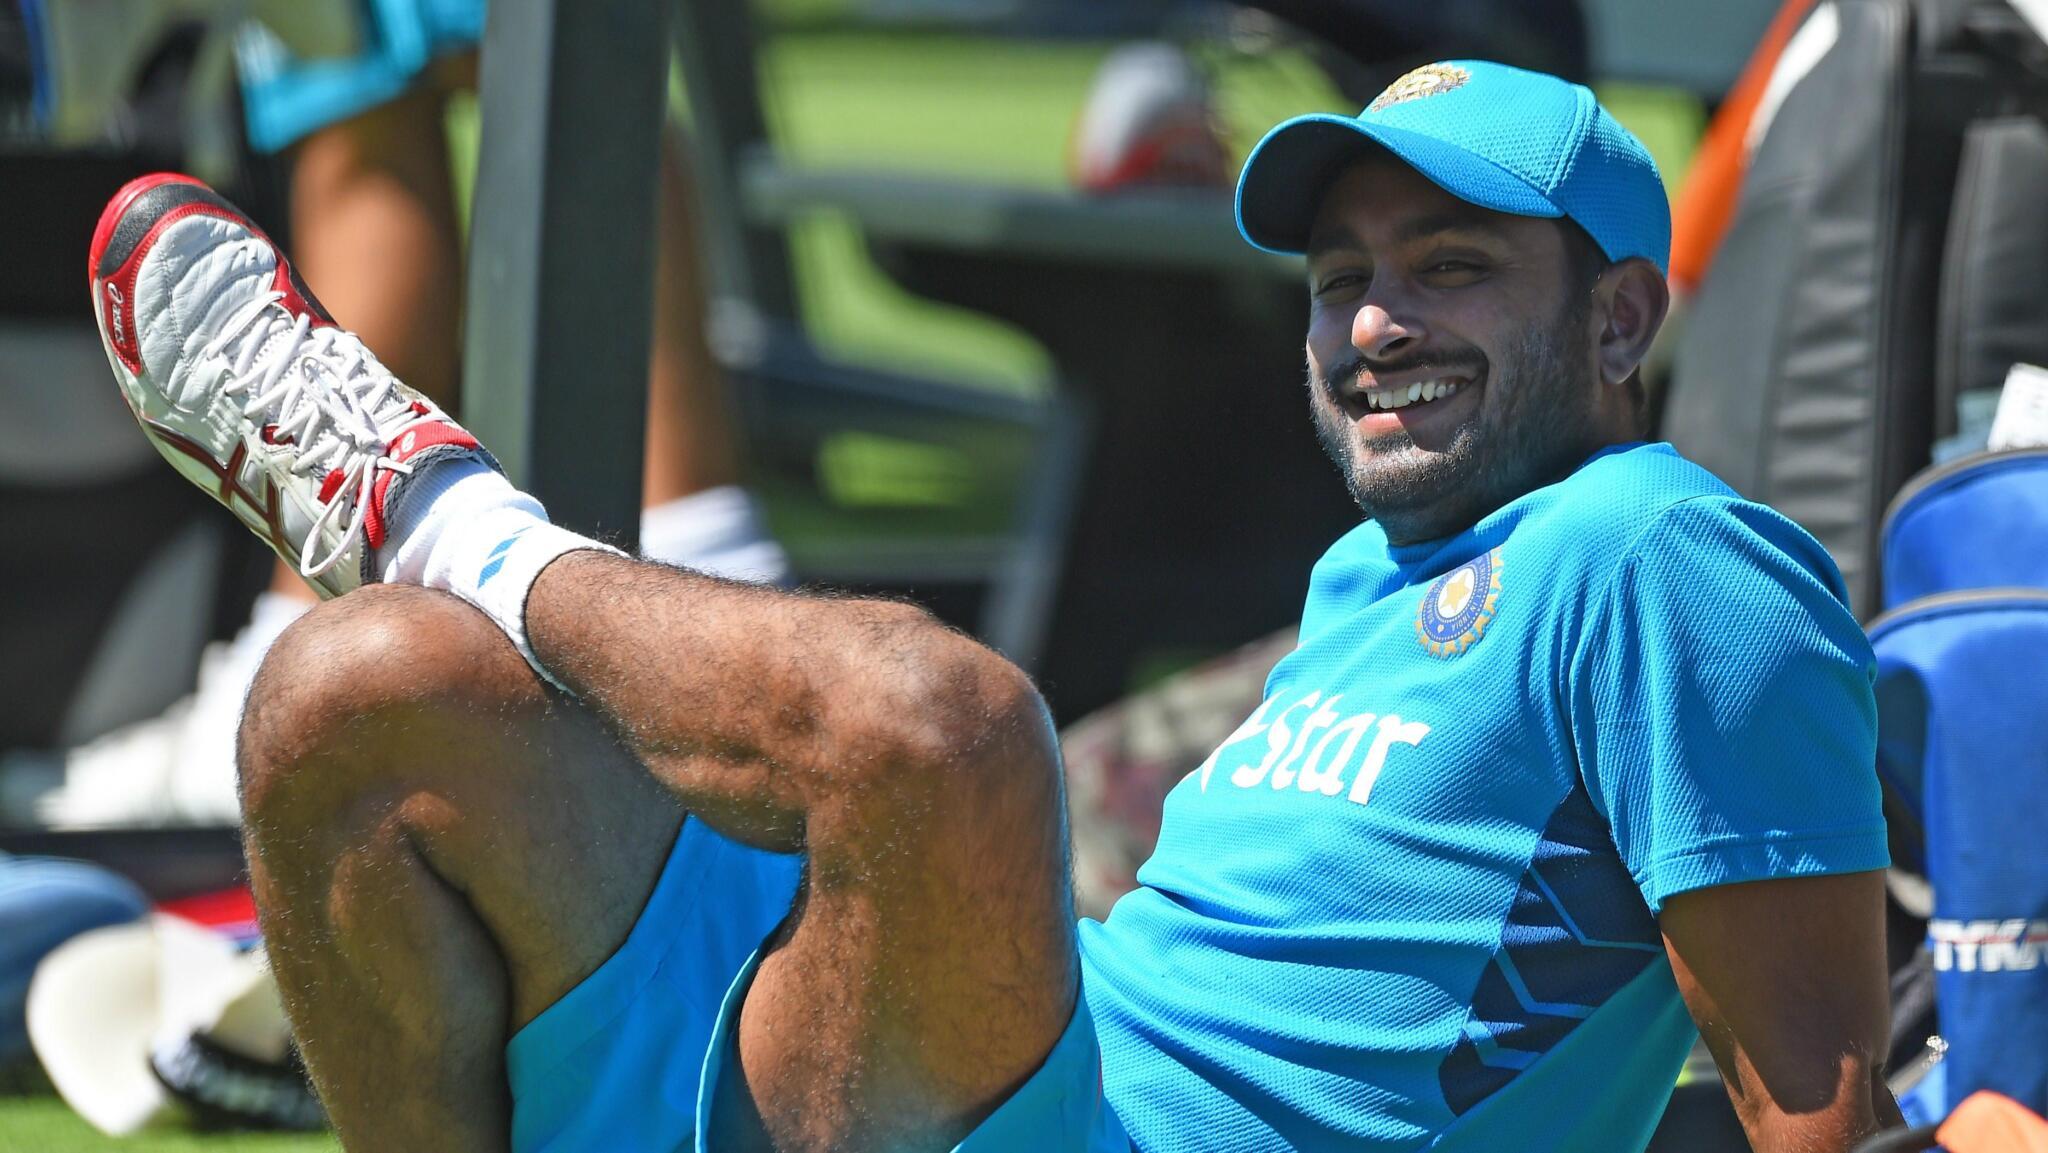 अंबाती रायडू ने रणजी ट्रॉफी में नहीं खेलने का कारण बताते हुए हैदराबाद क्रिकेट पर लगाए सनसनीखेज आरोप